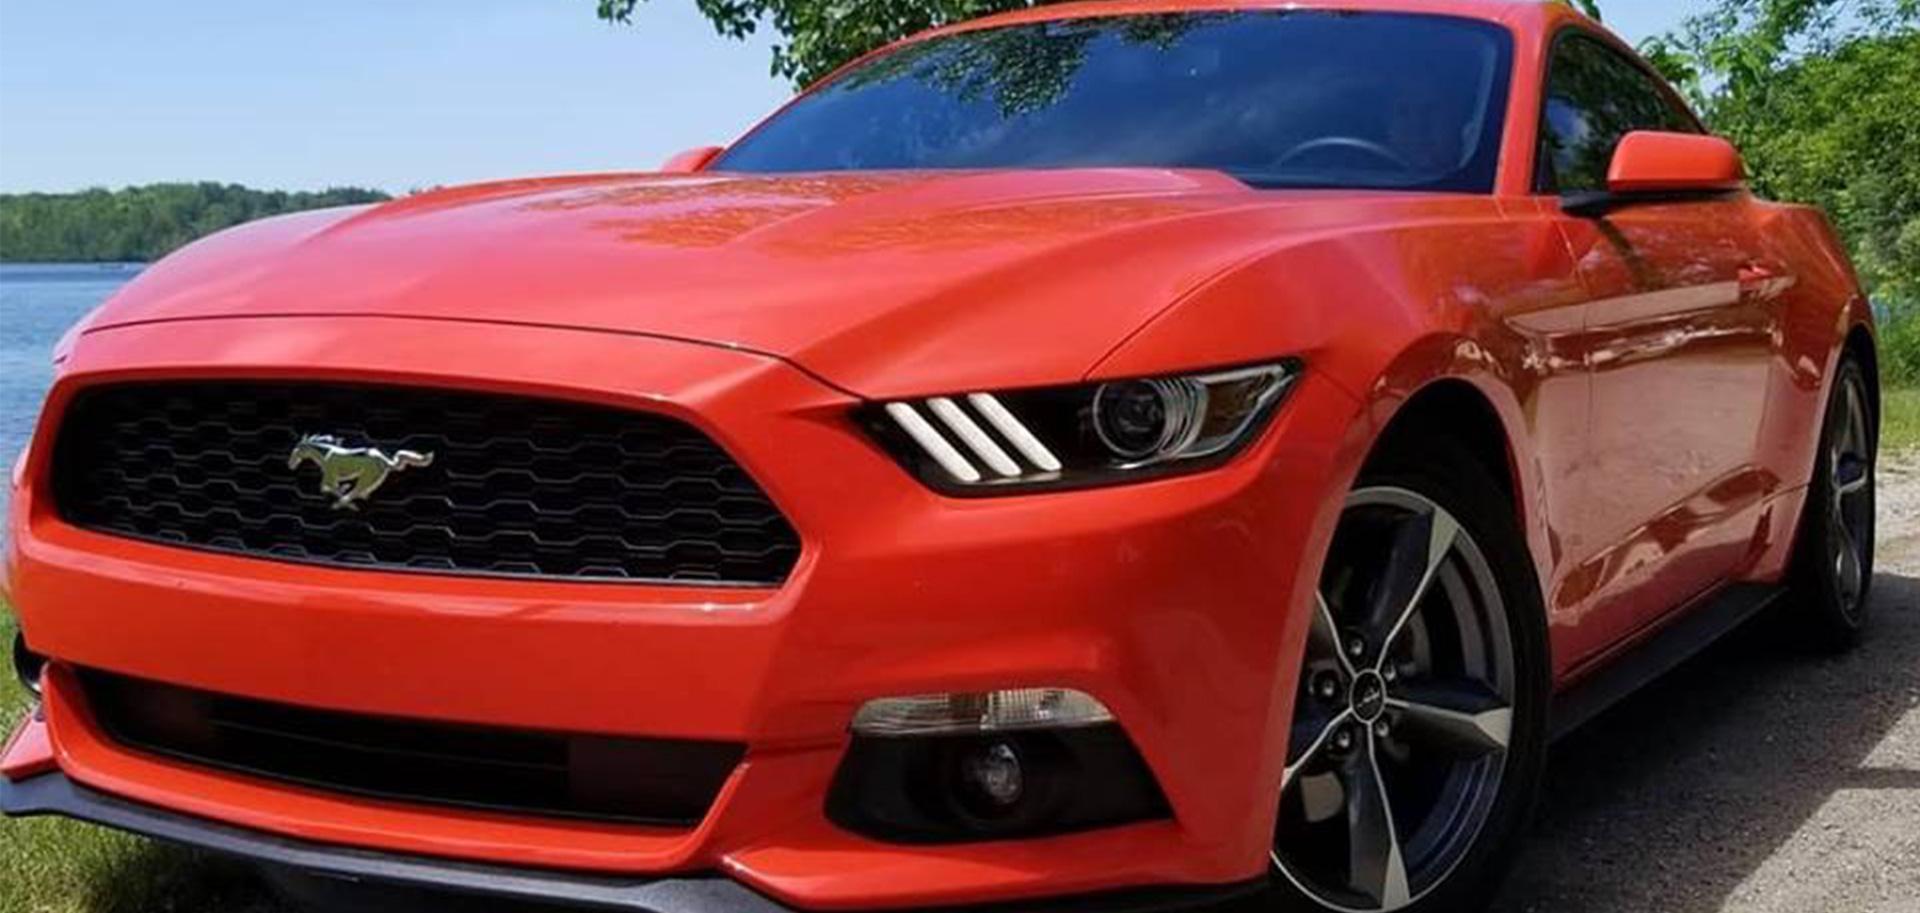 Car Wash Near Me   D&L Auto Detailing   Ceramic Pro ...